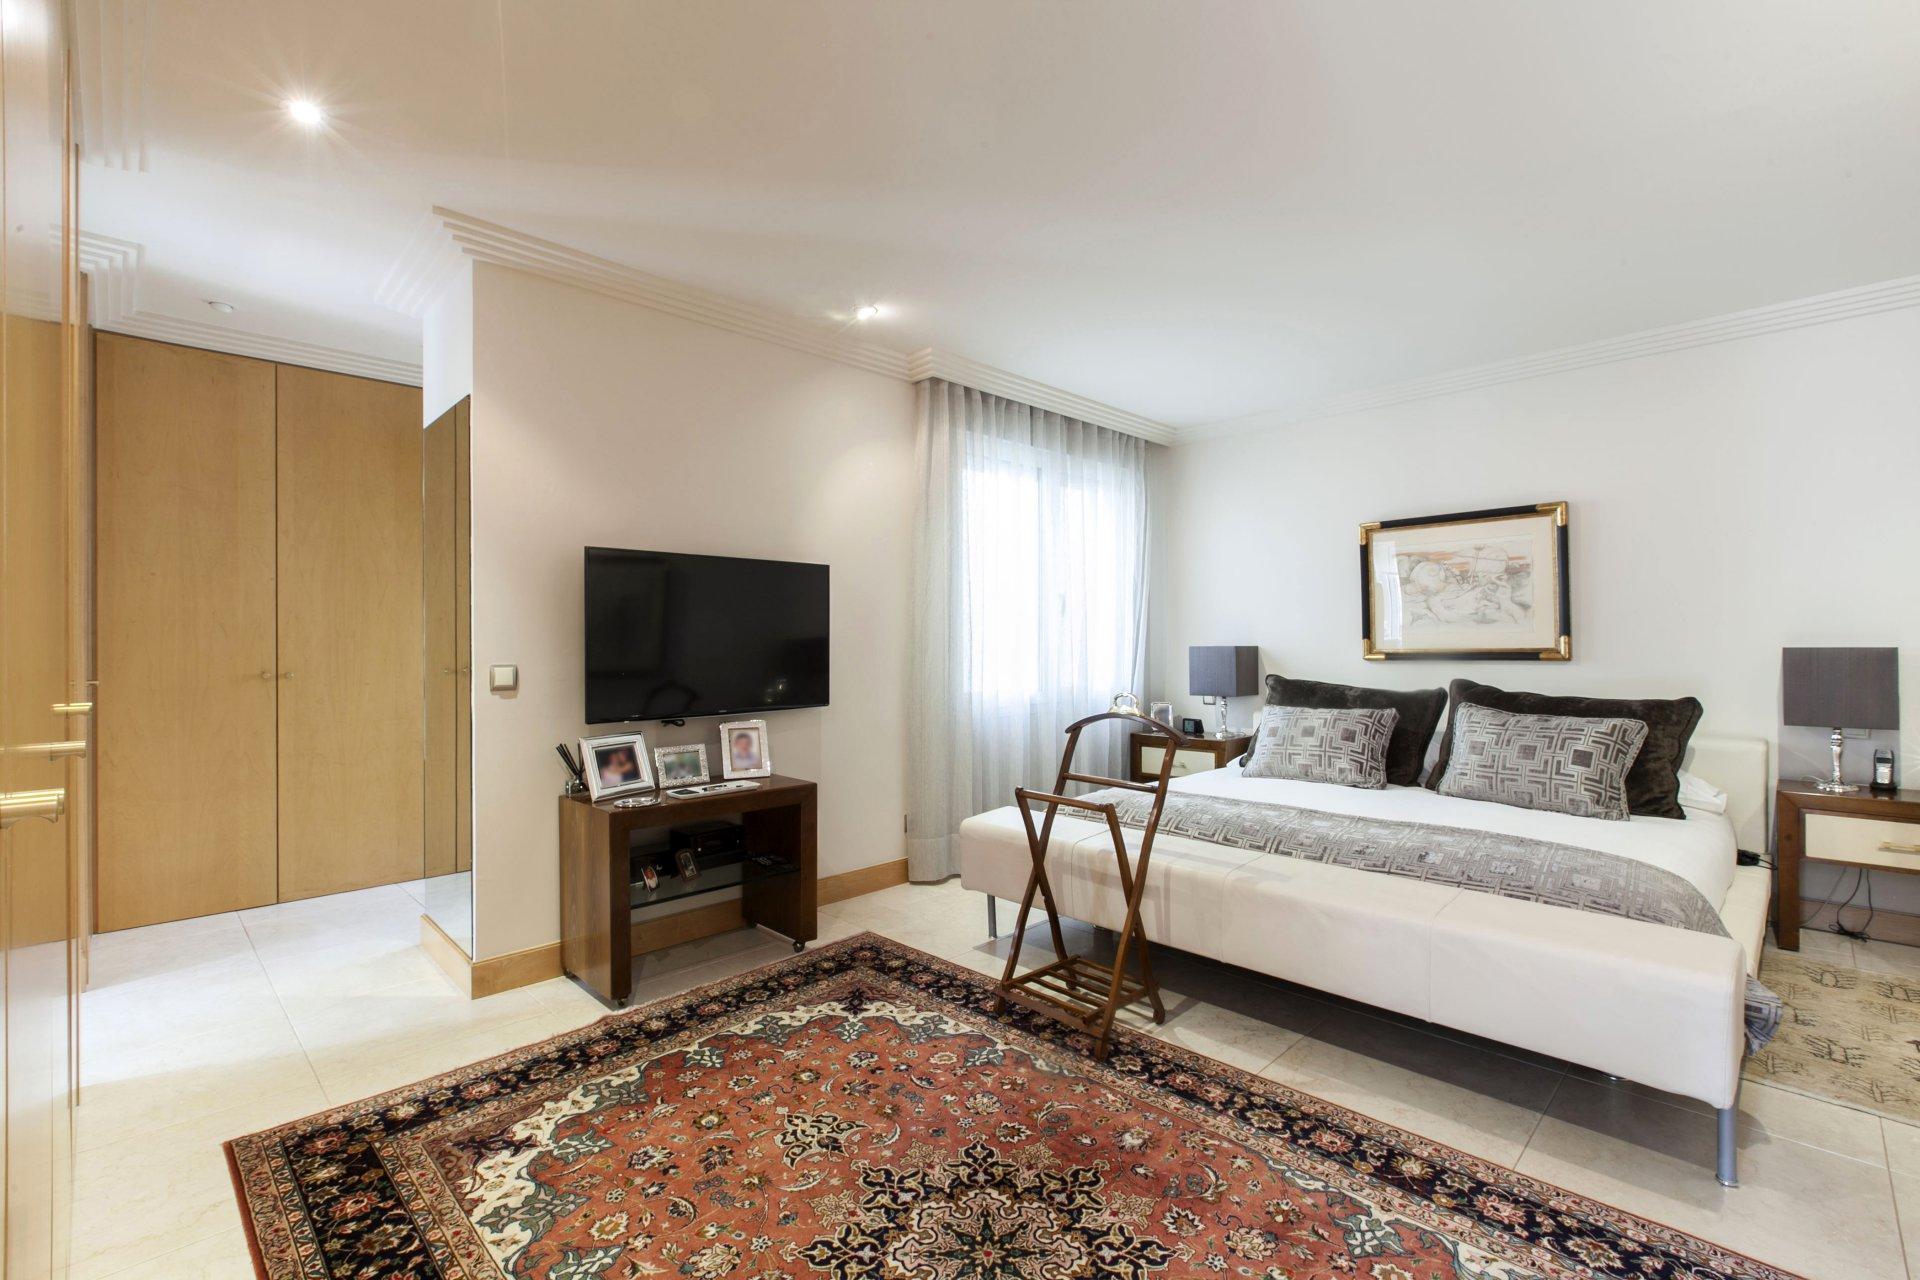 Annuncio vendita villa sul tetto madrid castellana 28000 for Villas 400 salamanca